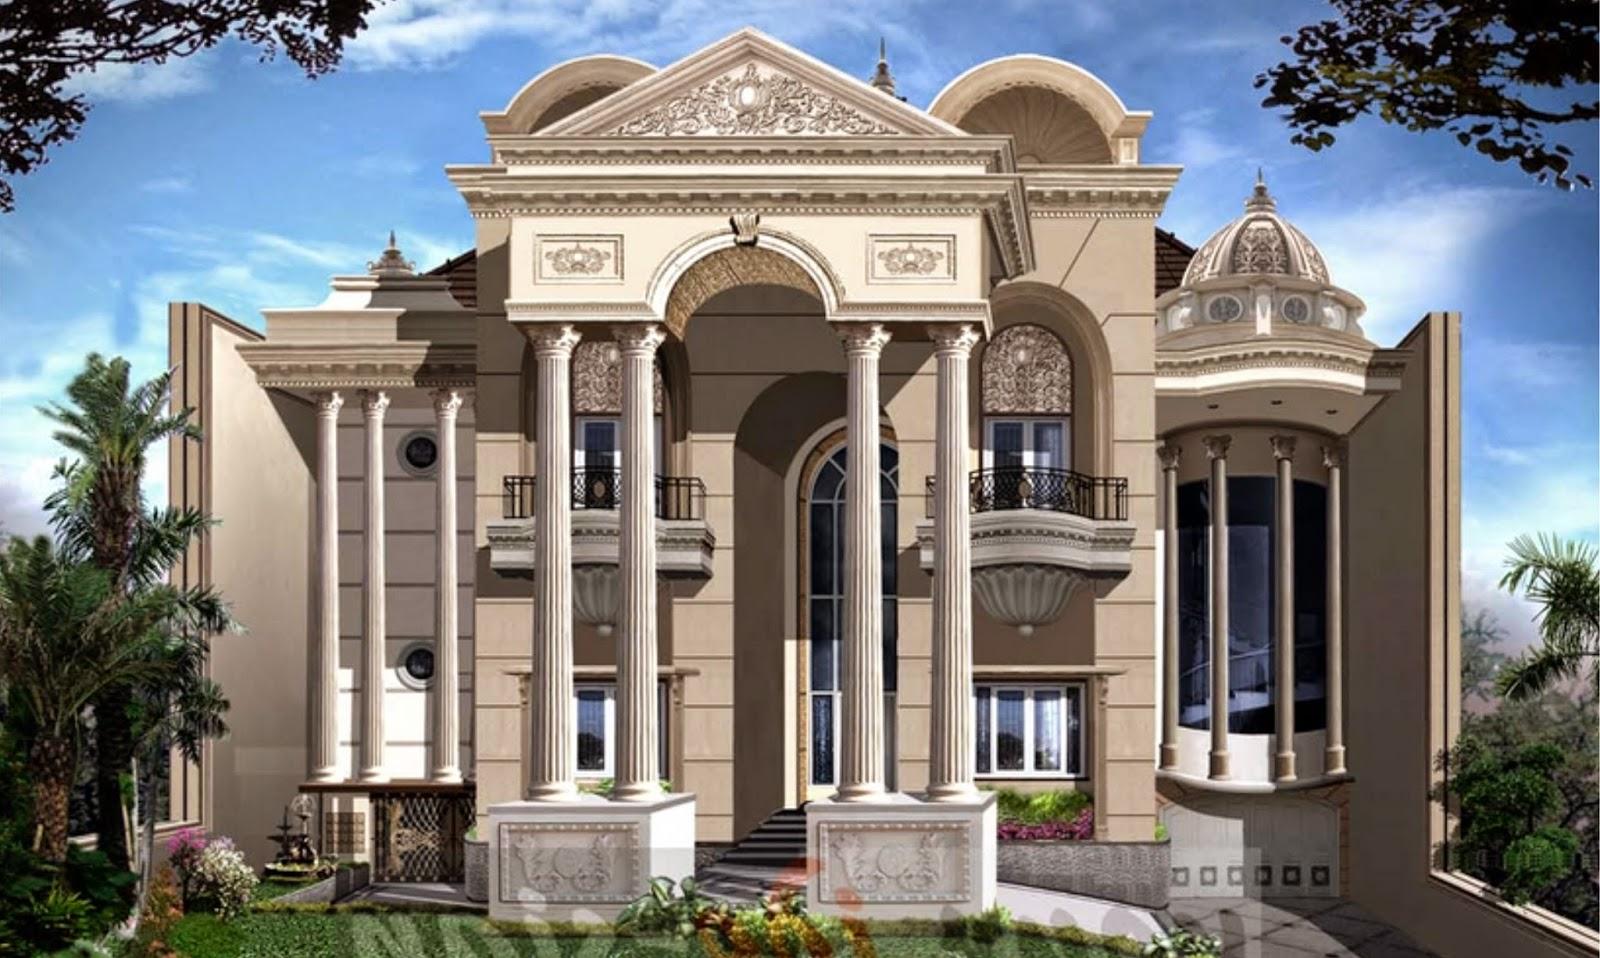 68 Desain Rumah Minimalis Eropa Klasik | Desain Rumah ...